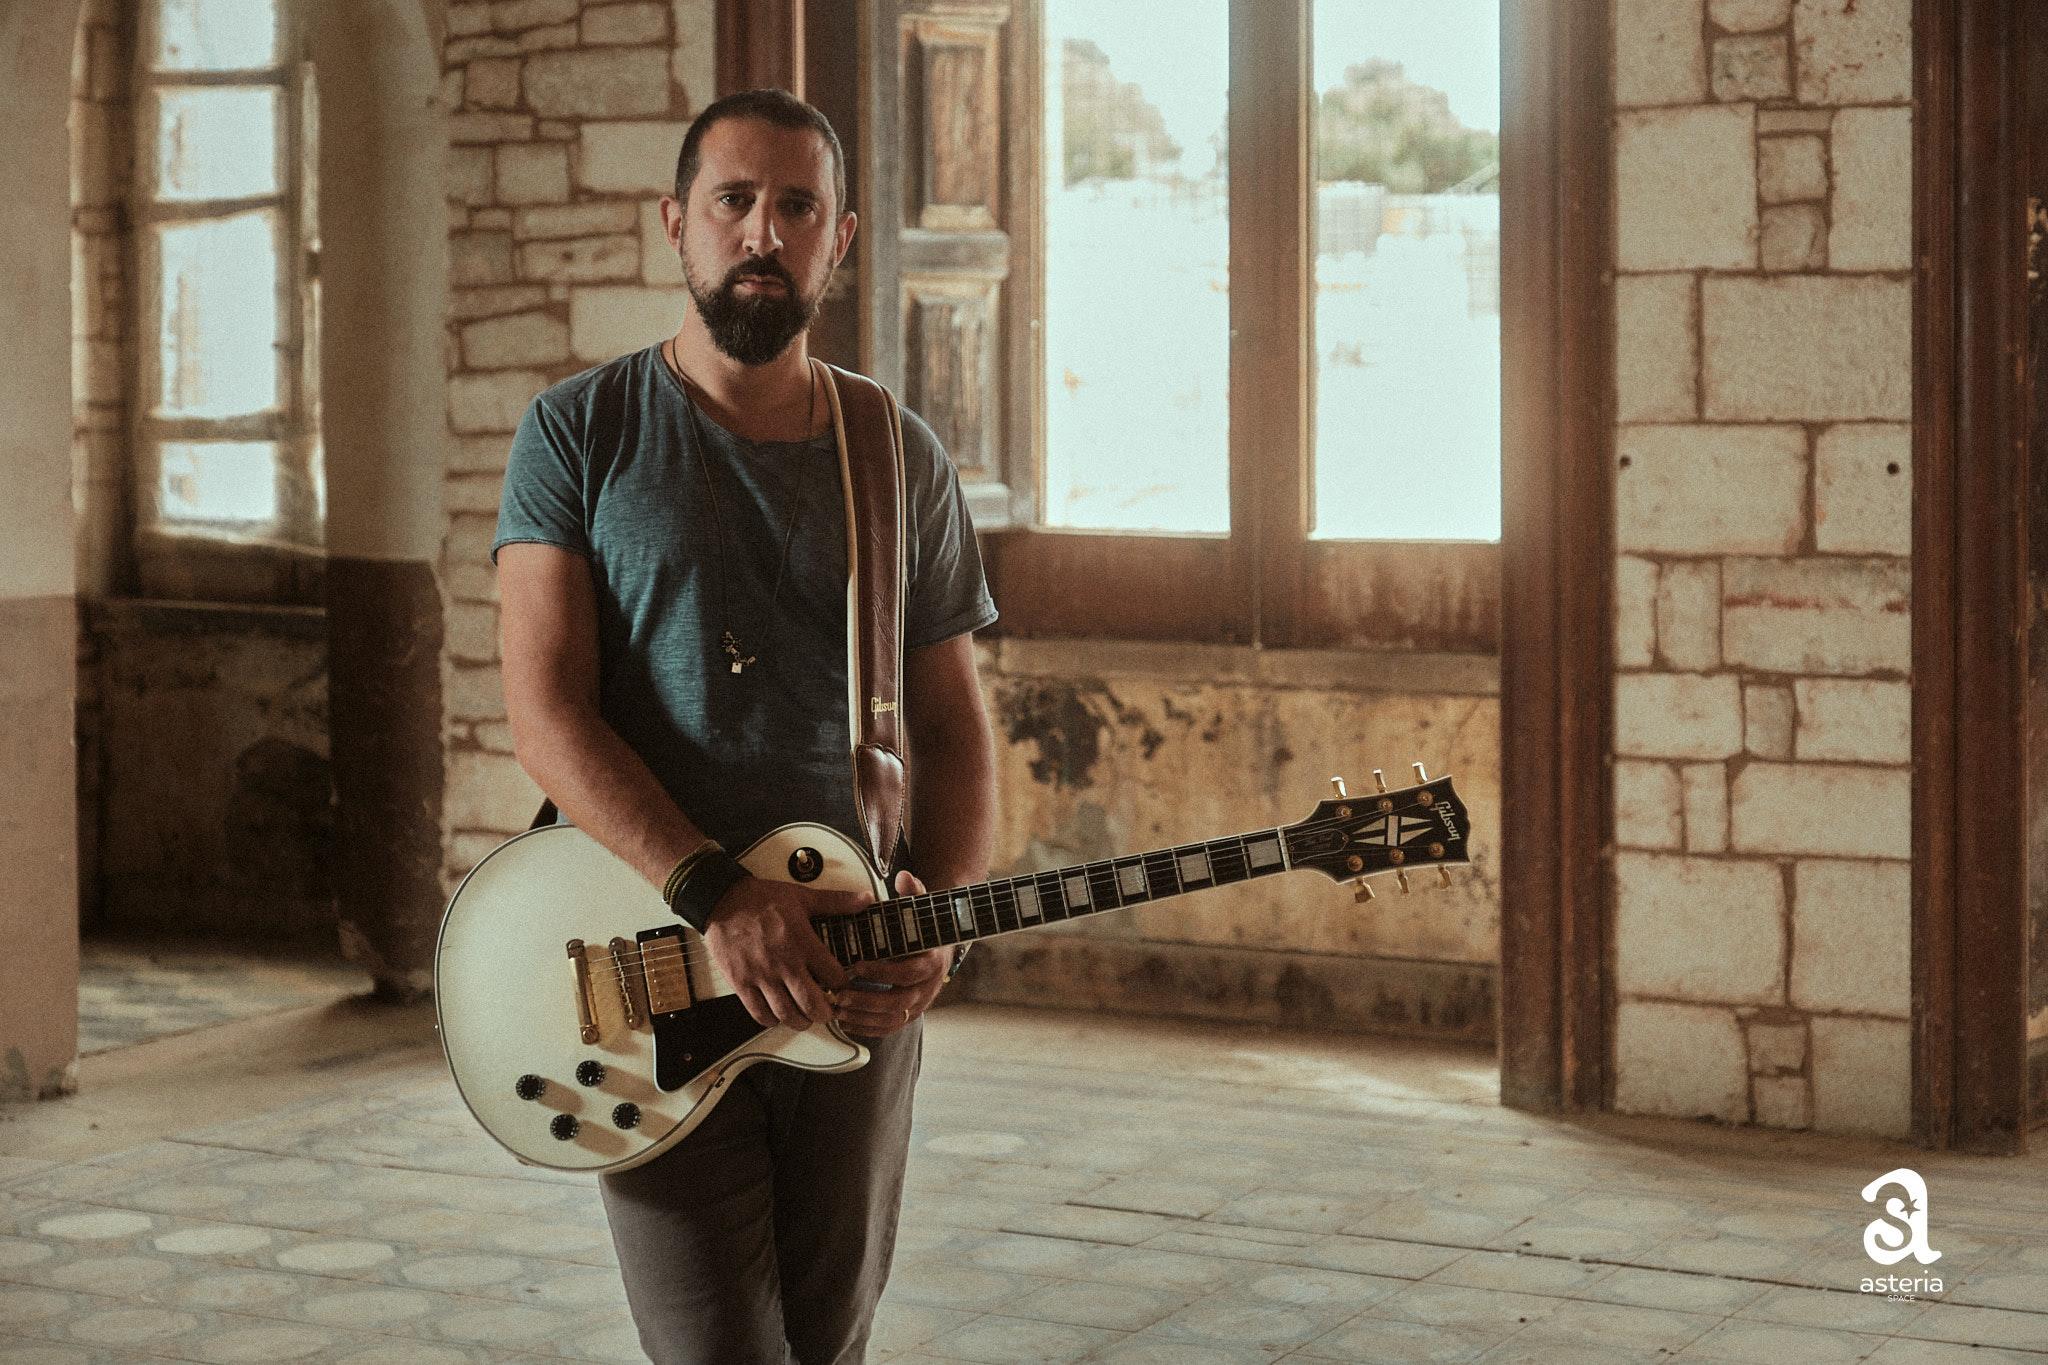 Matteo Palermo Love is Imperfect : nel suo nuovo brano il cantautore pugliese esalta le debolezze umane veicolo della bellezza